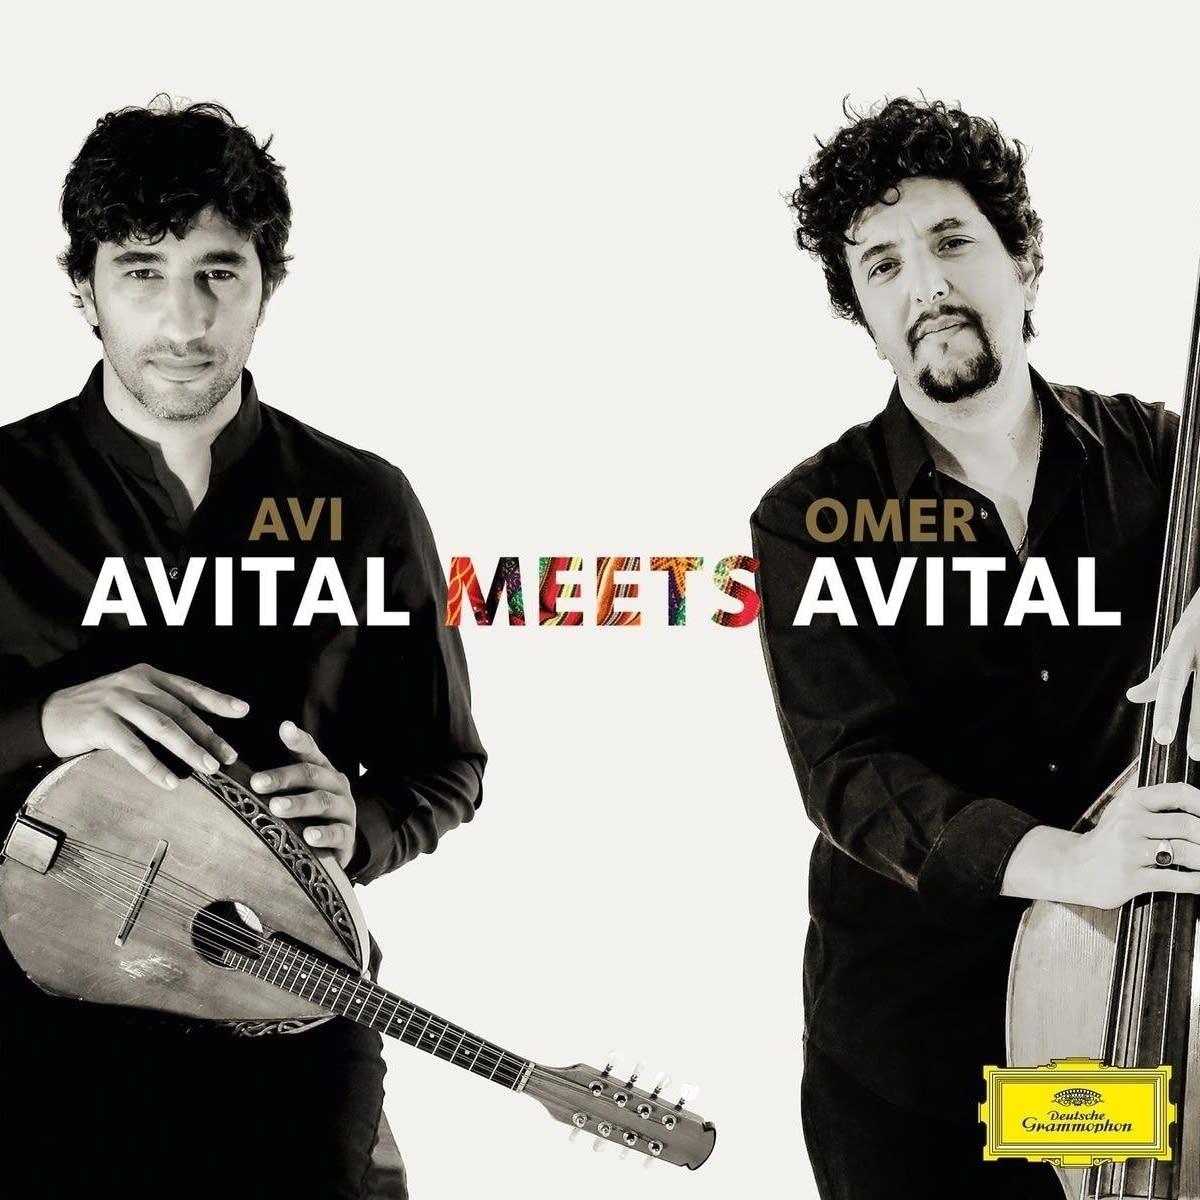 Avi Avital, 'Avital Meets Avital'